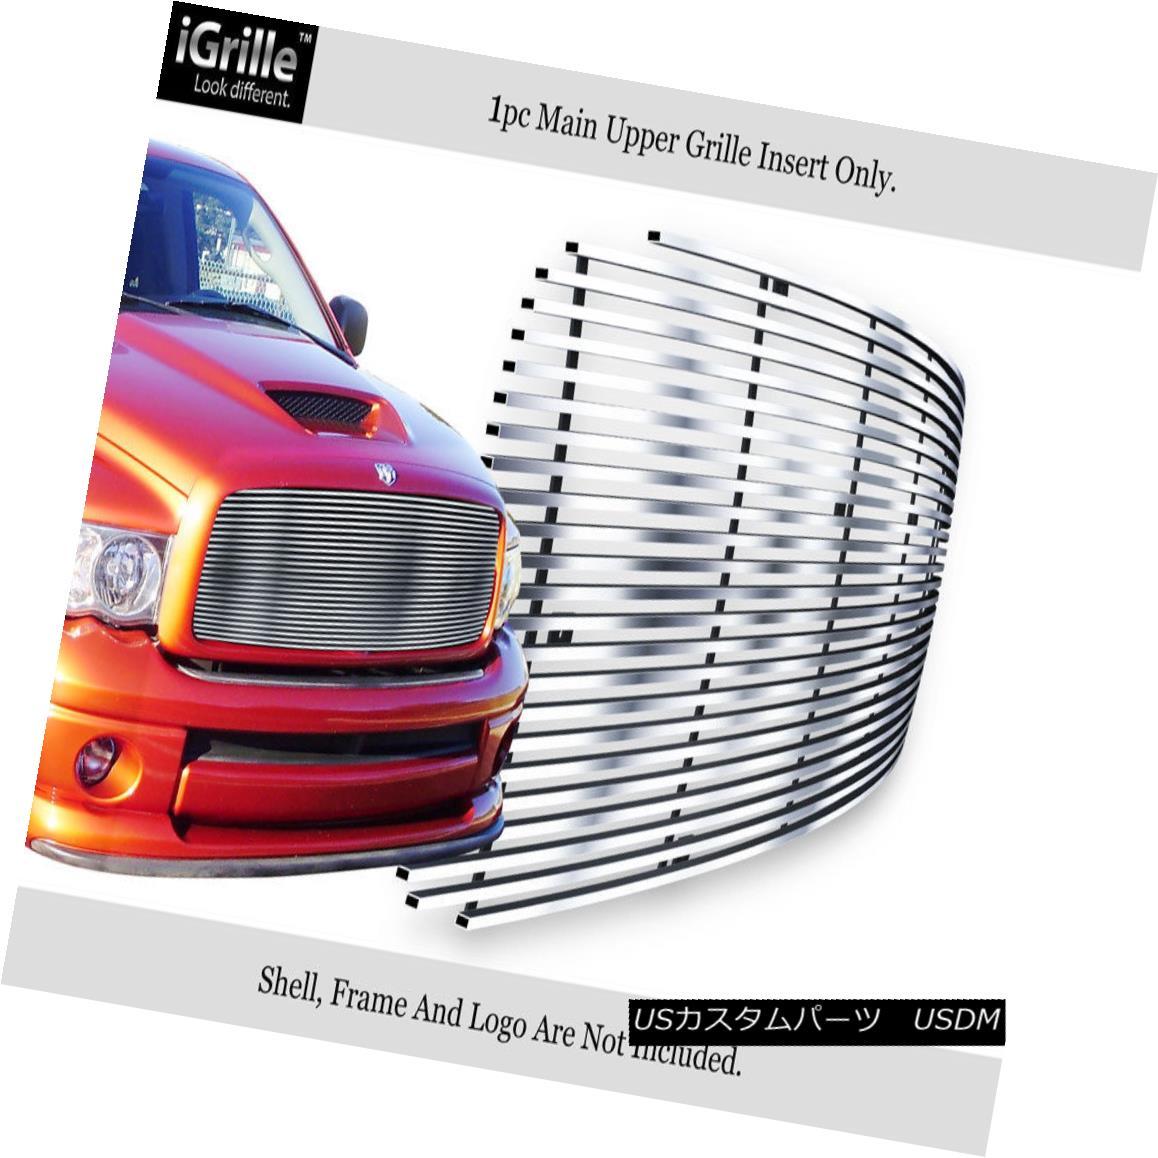 グリル Fits 2002-2005 Dodge Ram 1500/2500/3500 Stainless Steel Billet Grille 2002-2005 Dodge Ram 1500/2500/3500ステンレス鋼ビレットグリルに適合